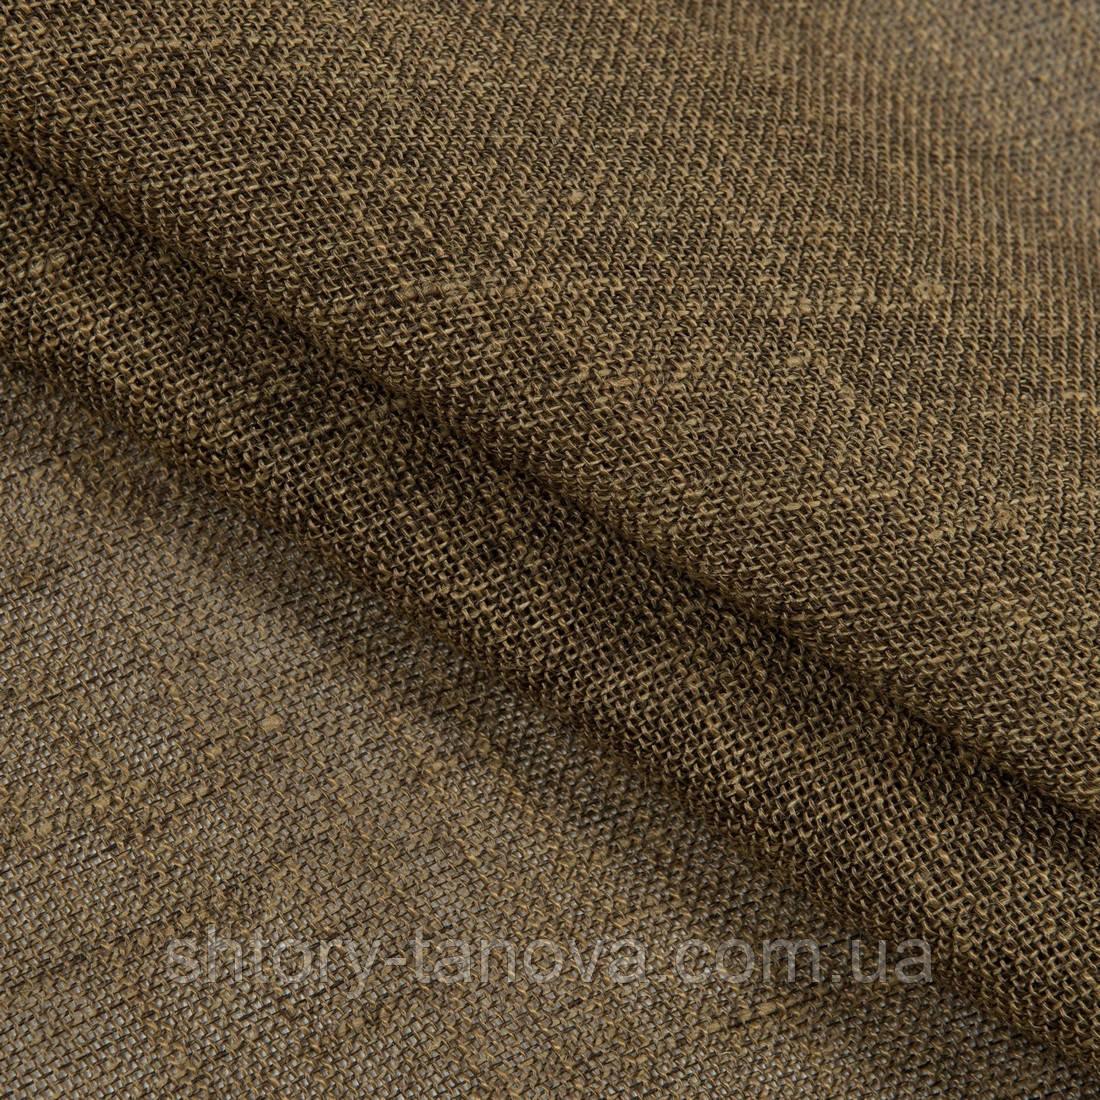 Натуральная мешковина из джута  беж-коричневый